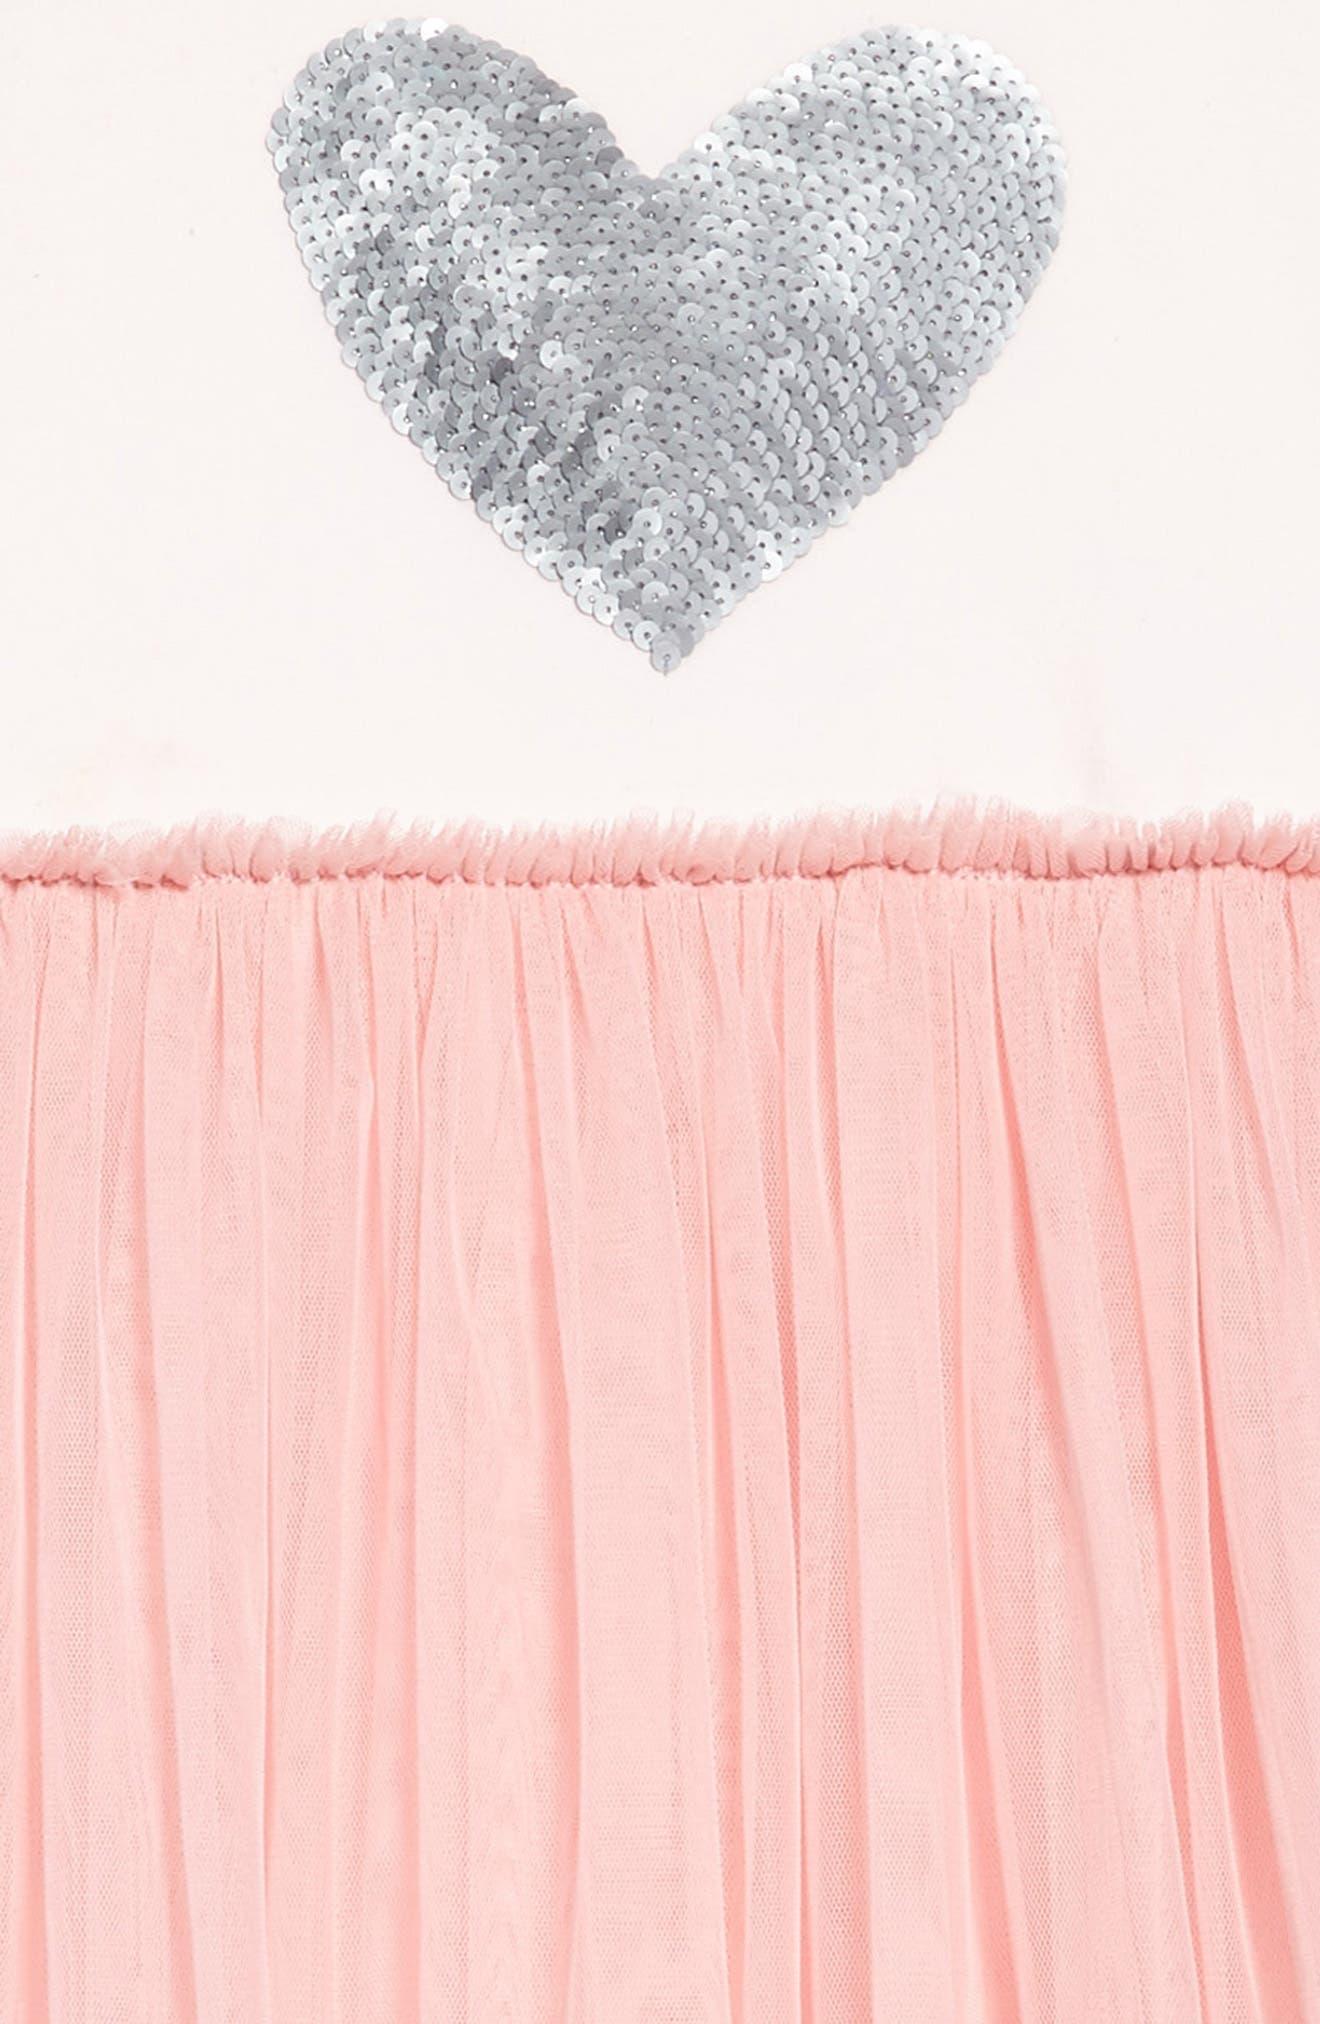 Alternate Image 3  - Masala Baby Sequin Heart Dress with Tulle Skirt (Toddler Girls, Little Girls & Big Girls)